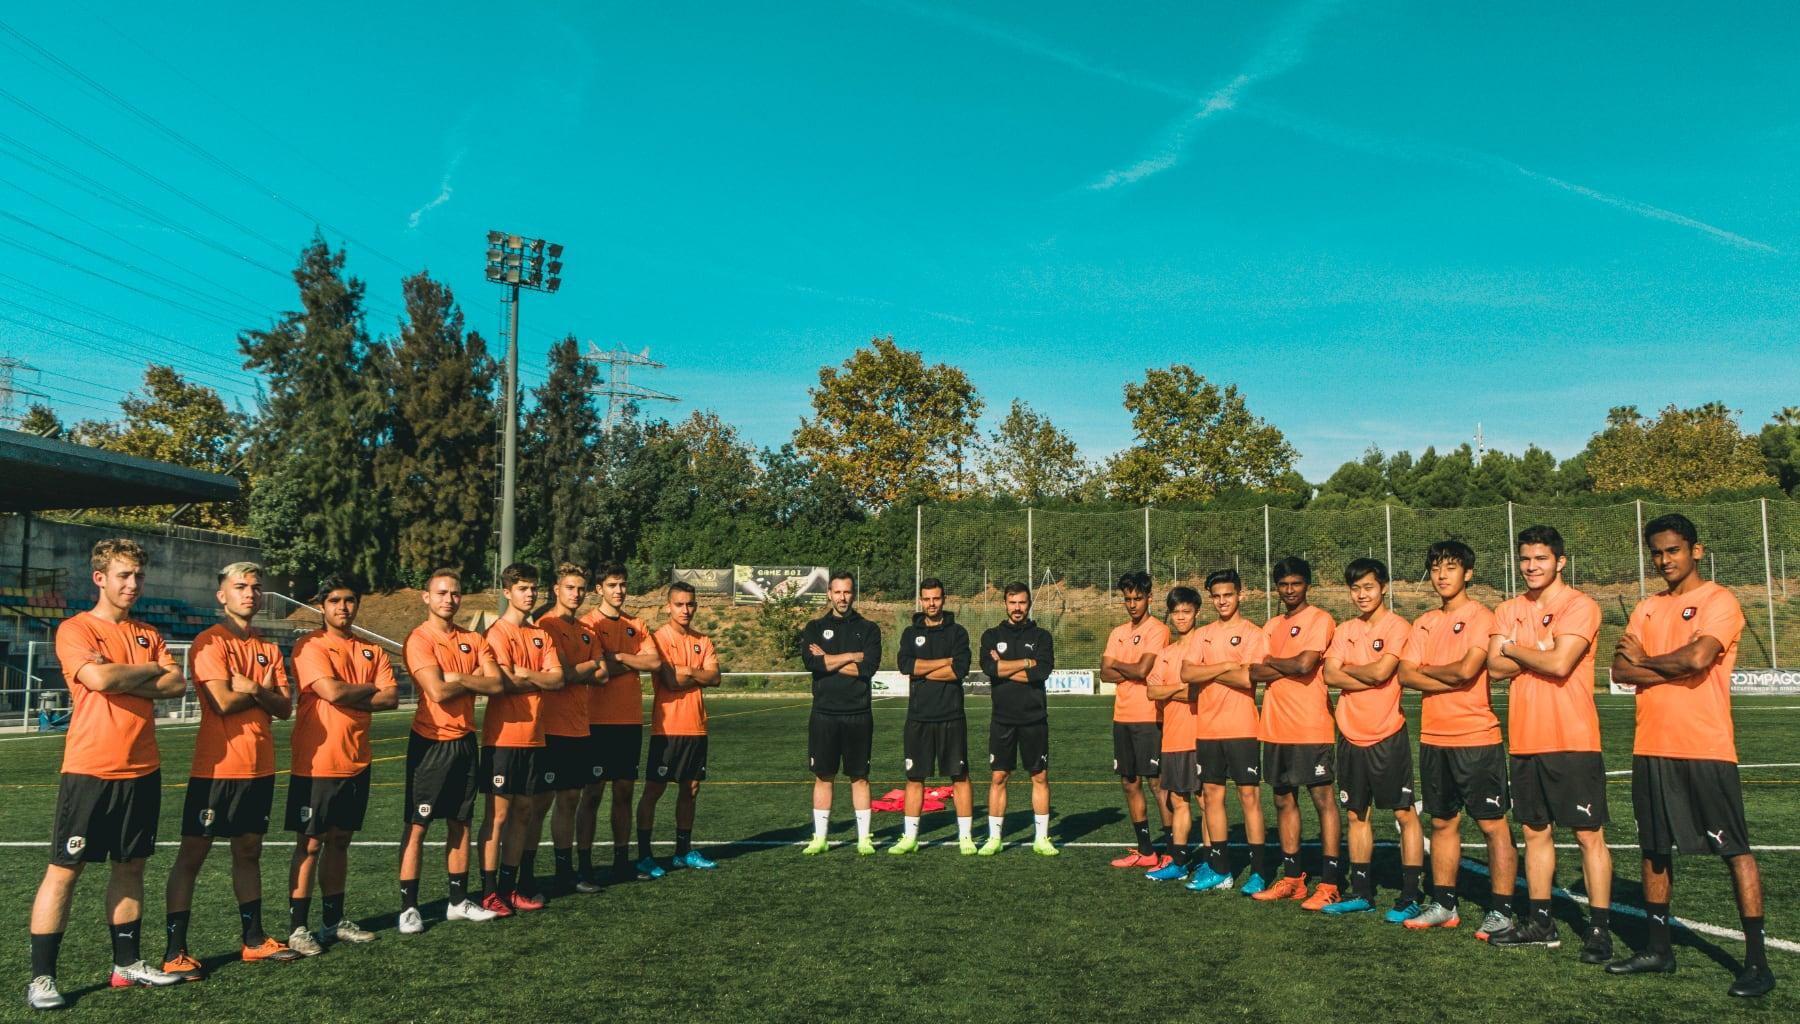 B1 Academy team photo